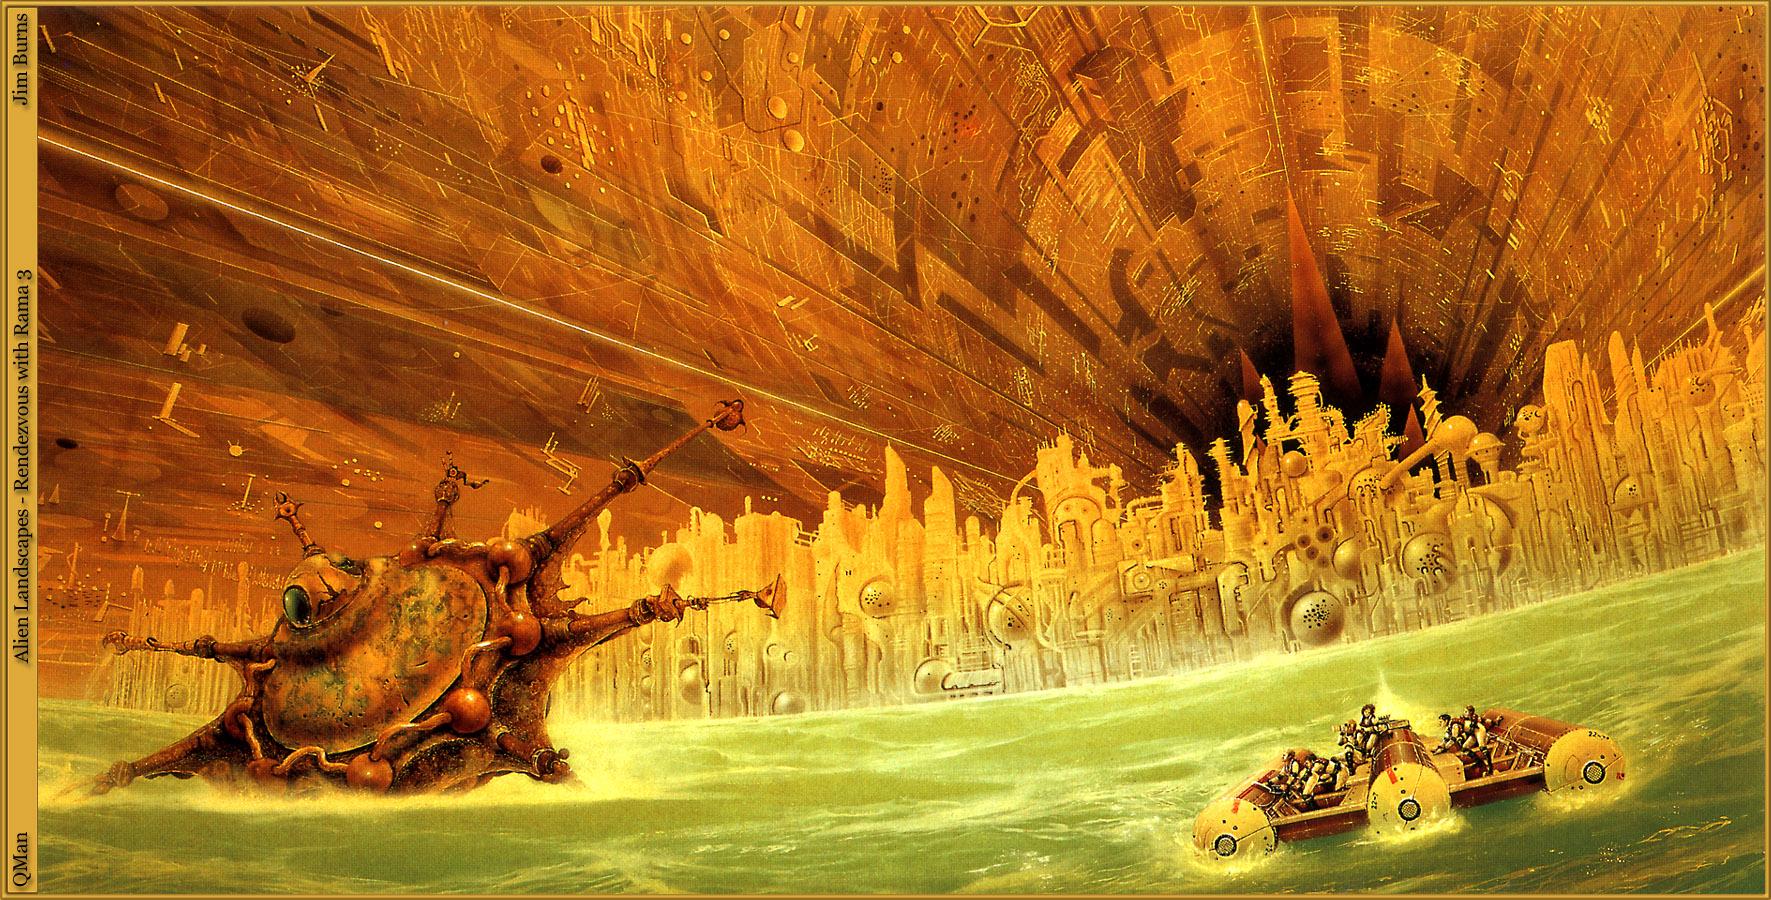 Иллюстрация из книги Свидание с Рамой